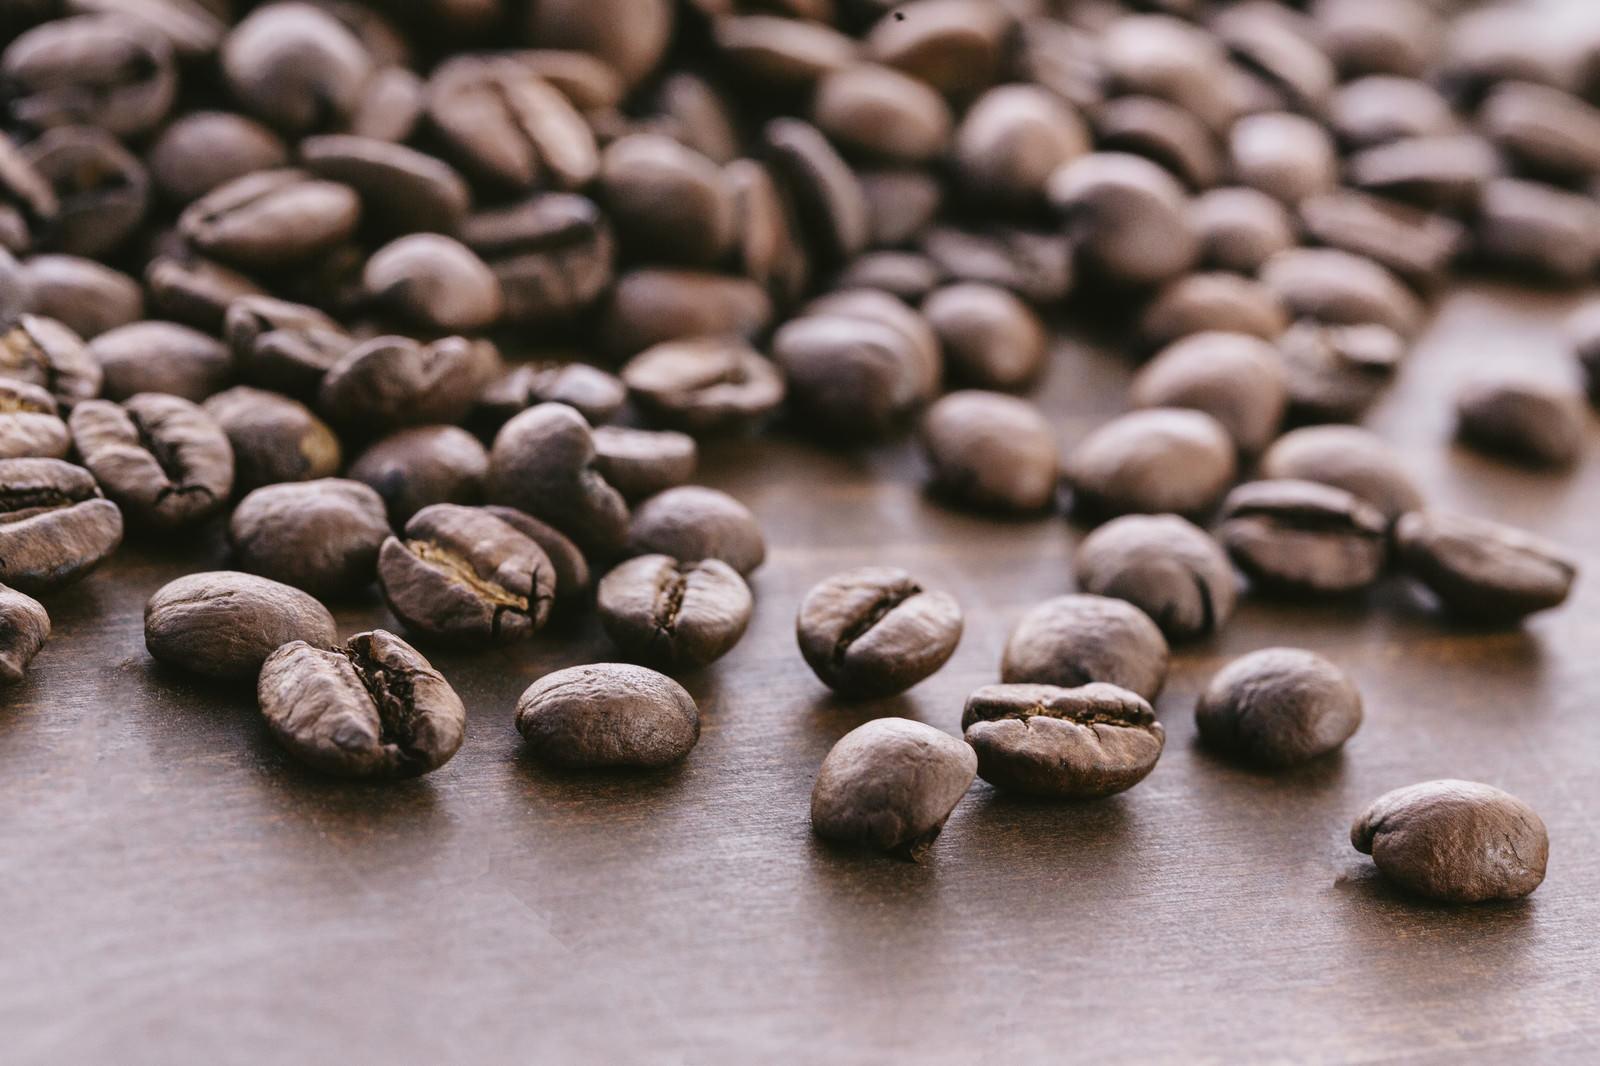 「散らばった珈琲豆散らばった珈琲豆」のフリー写真素材を拡大